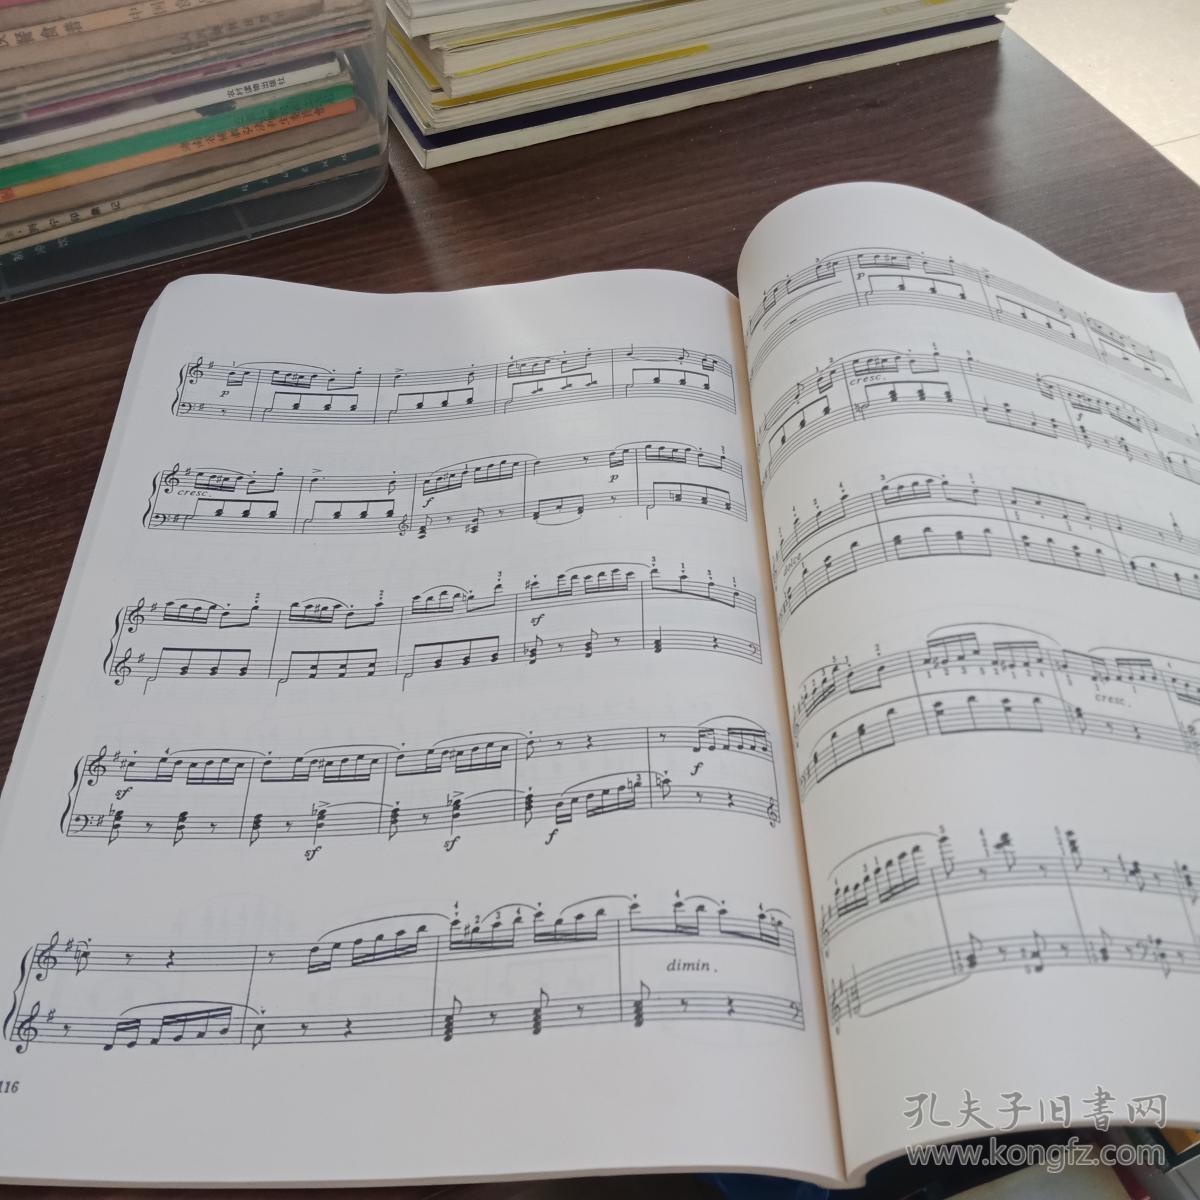 跨世纪的新一代伴奏_跨世纪新版全国钢琴演奏(业余)考级作品合集(第1-5级)